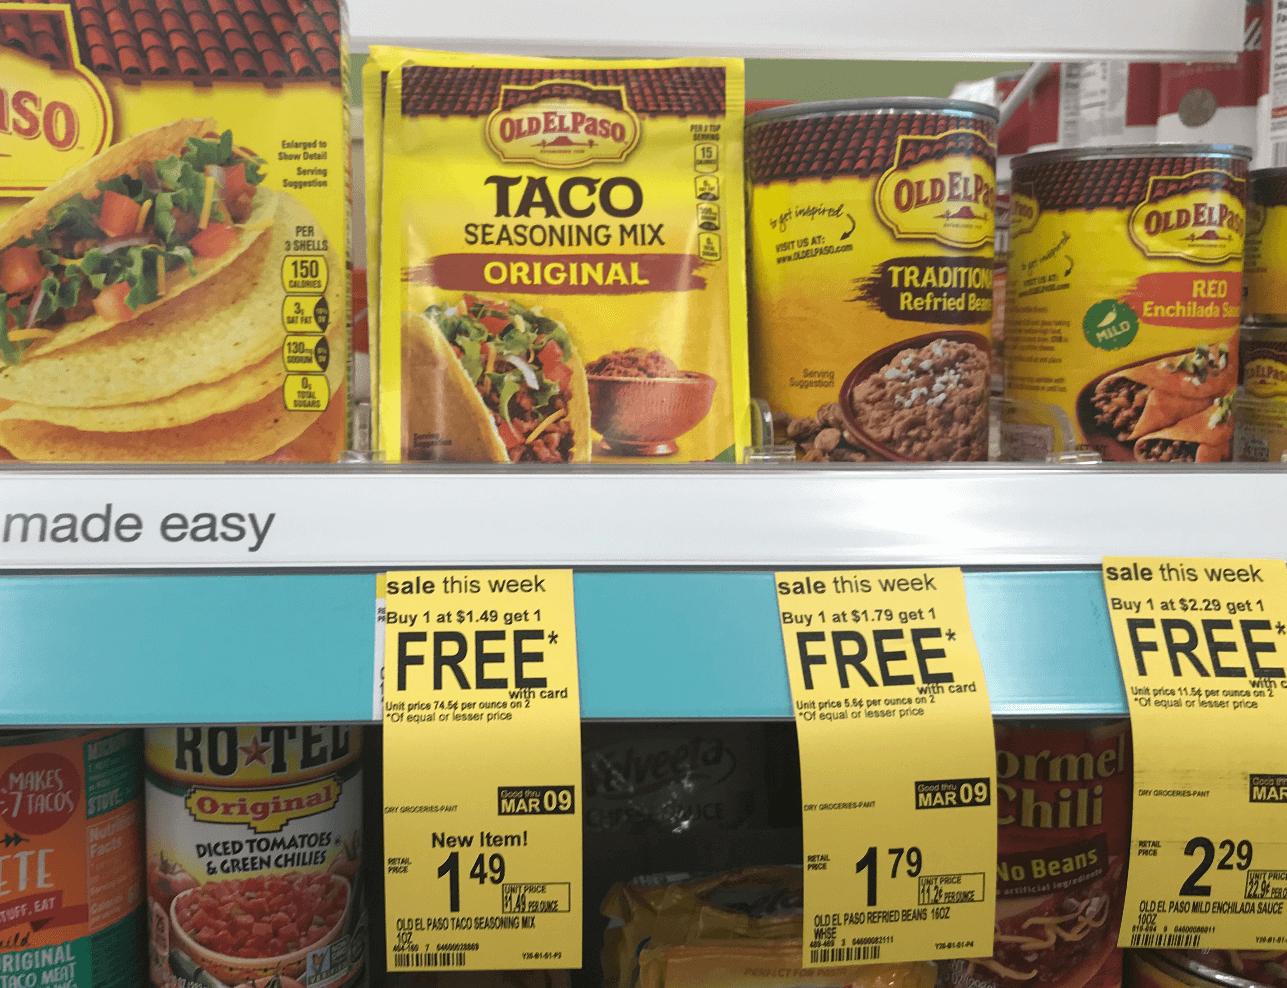 $0.75 Old El Paso Taco Seasoning Mix